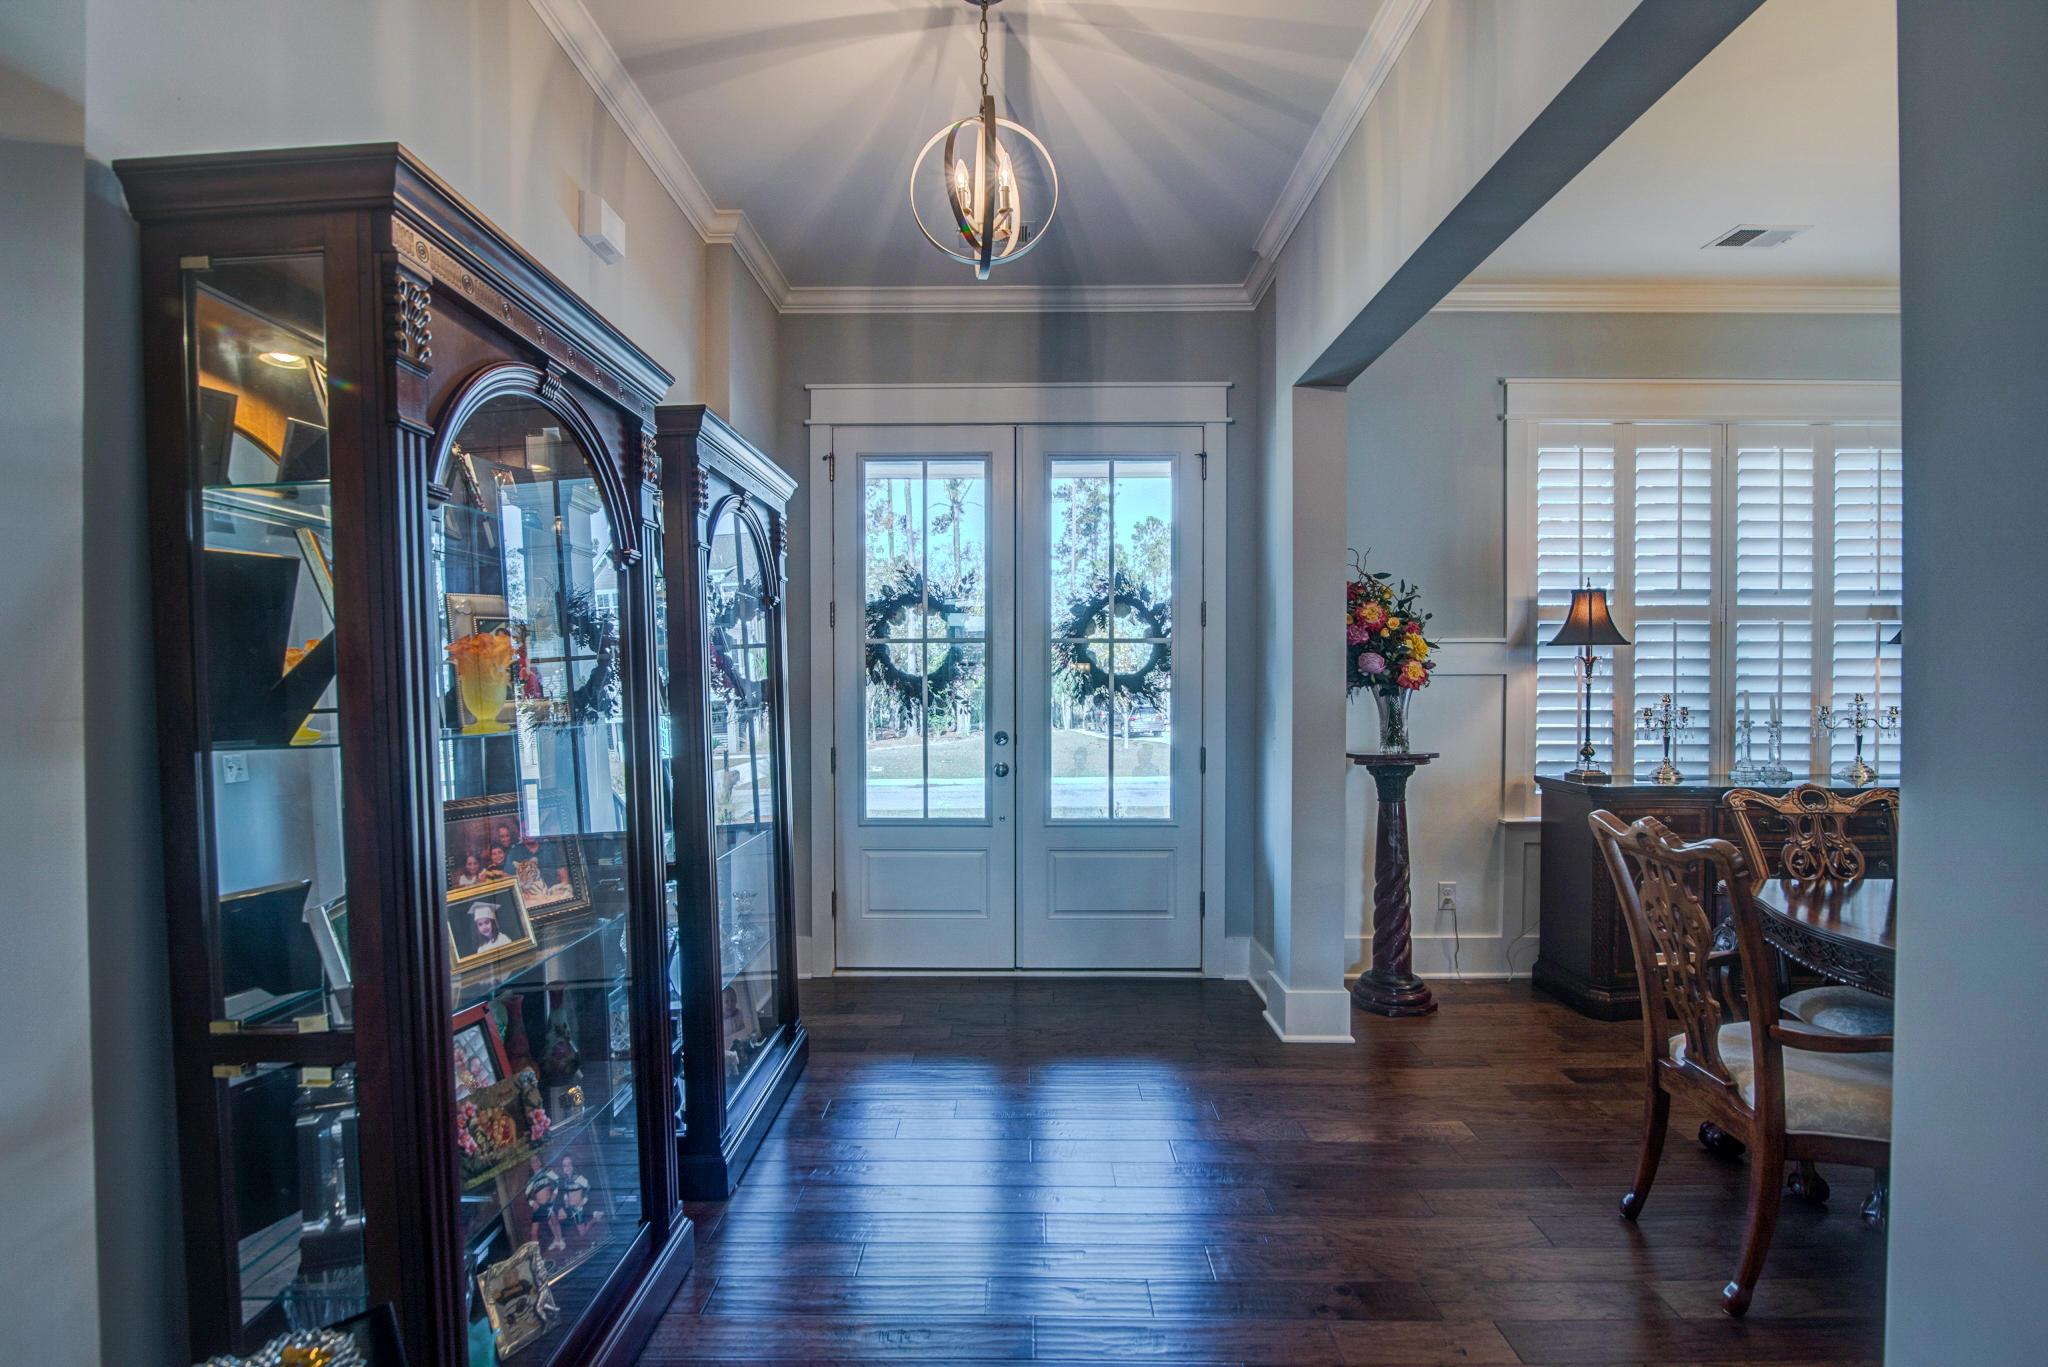 Dunes West Homes For Sale - 2883 River Vista, Mount Pleasant, SC - 59